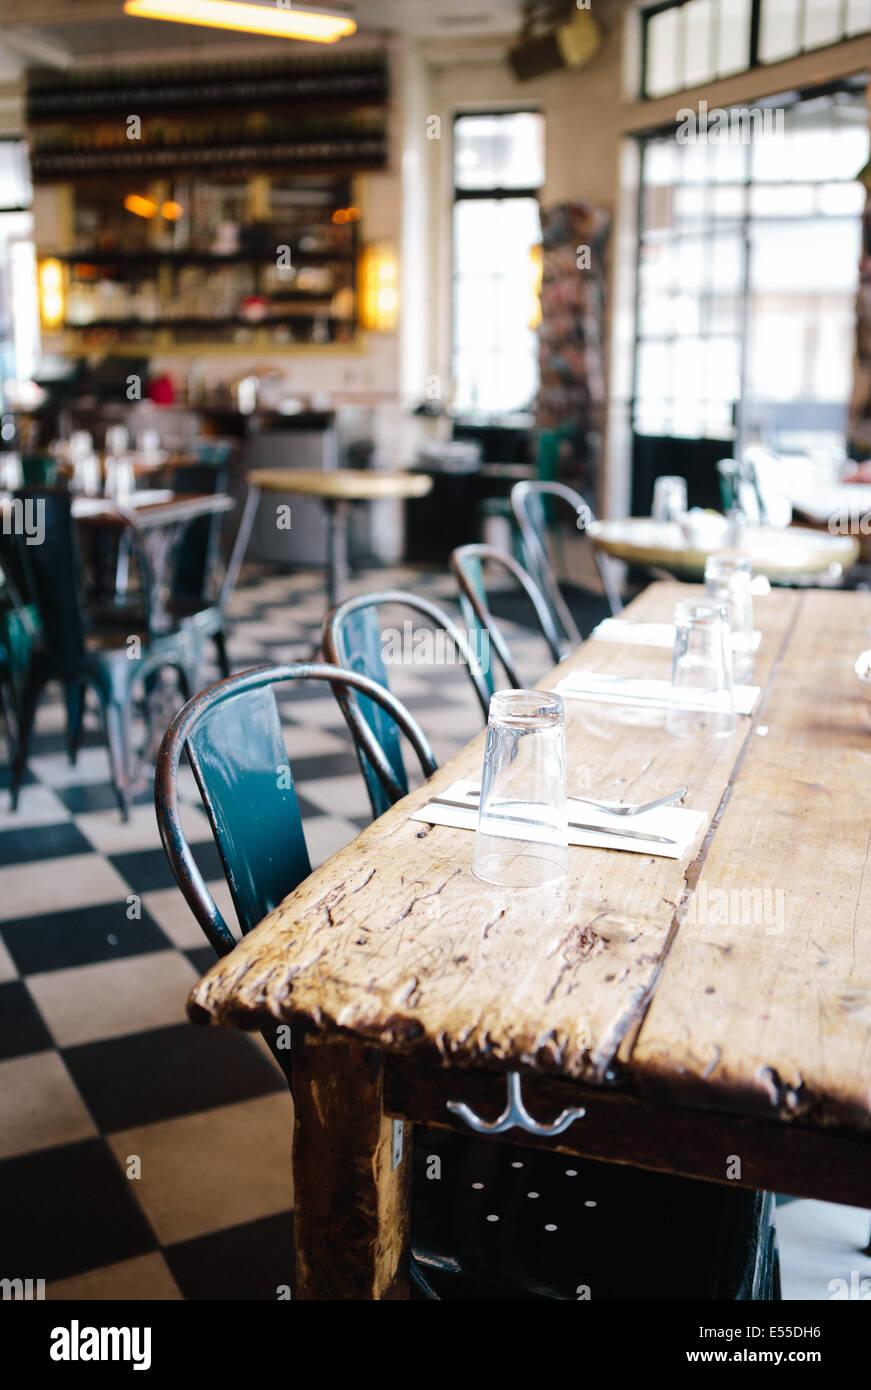 Gemeinschaft-Tisch mit Stühle Metall und karierten Boden in modernen industriellen Restaurant. Stockfoto